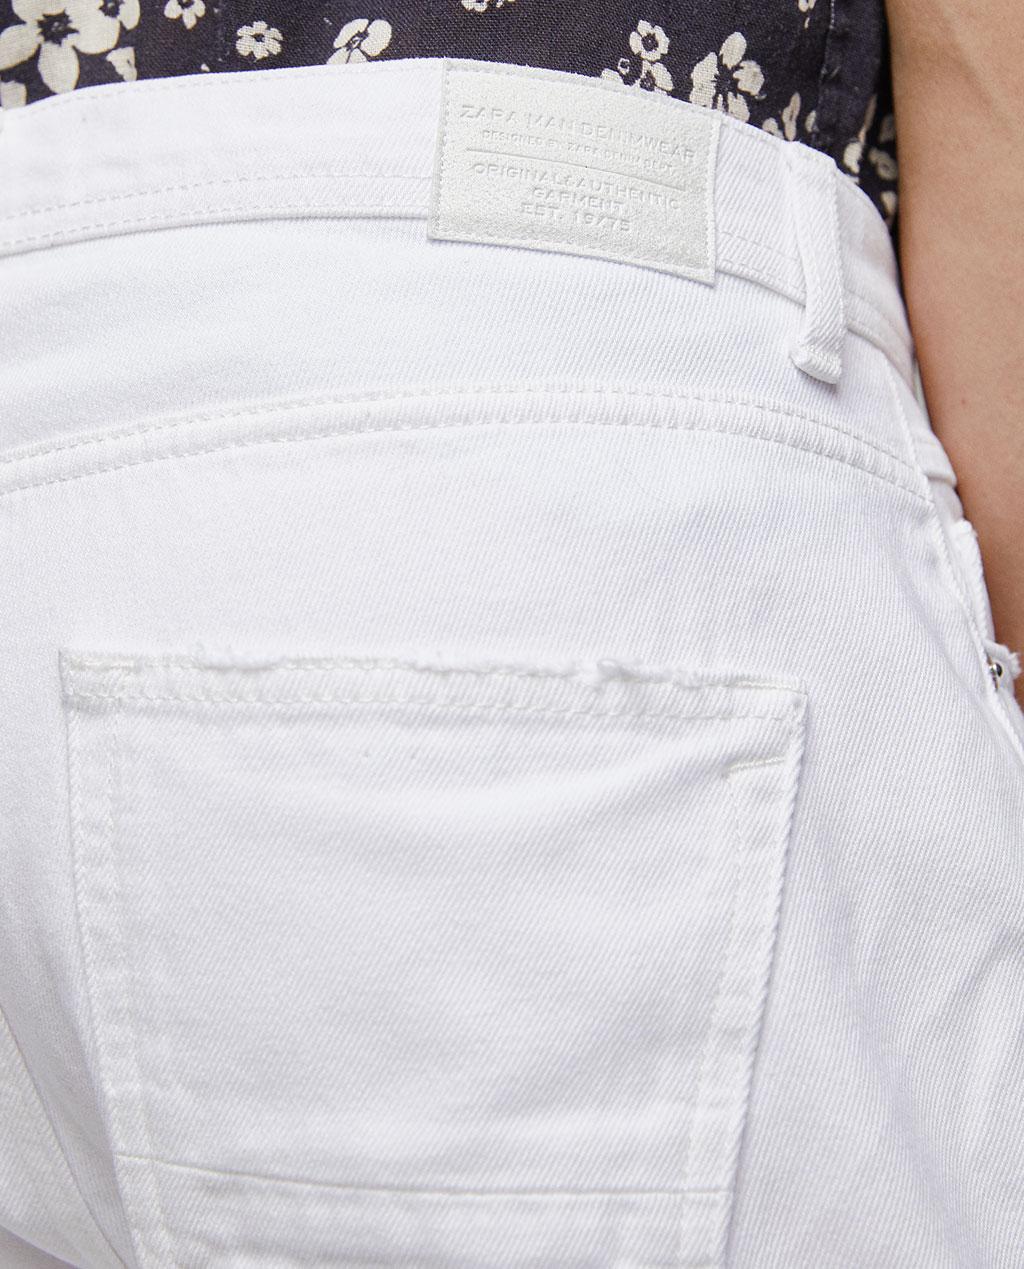 Thời trang nam ZARA 00840404250  23852 - ảnh 9